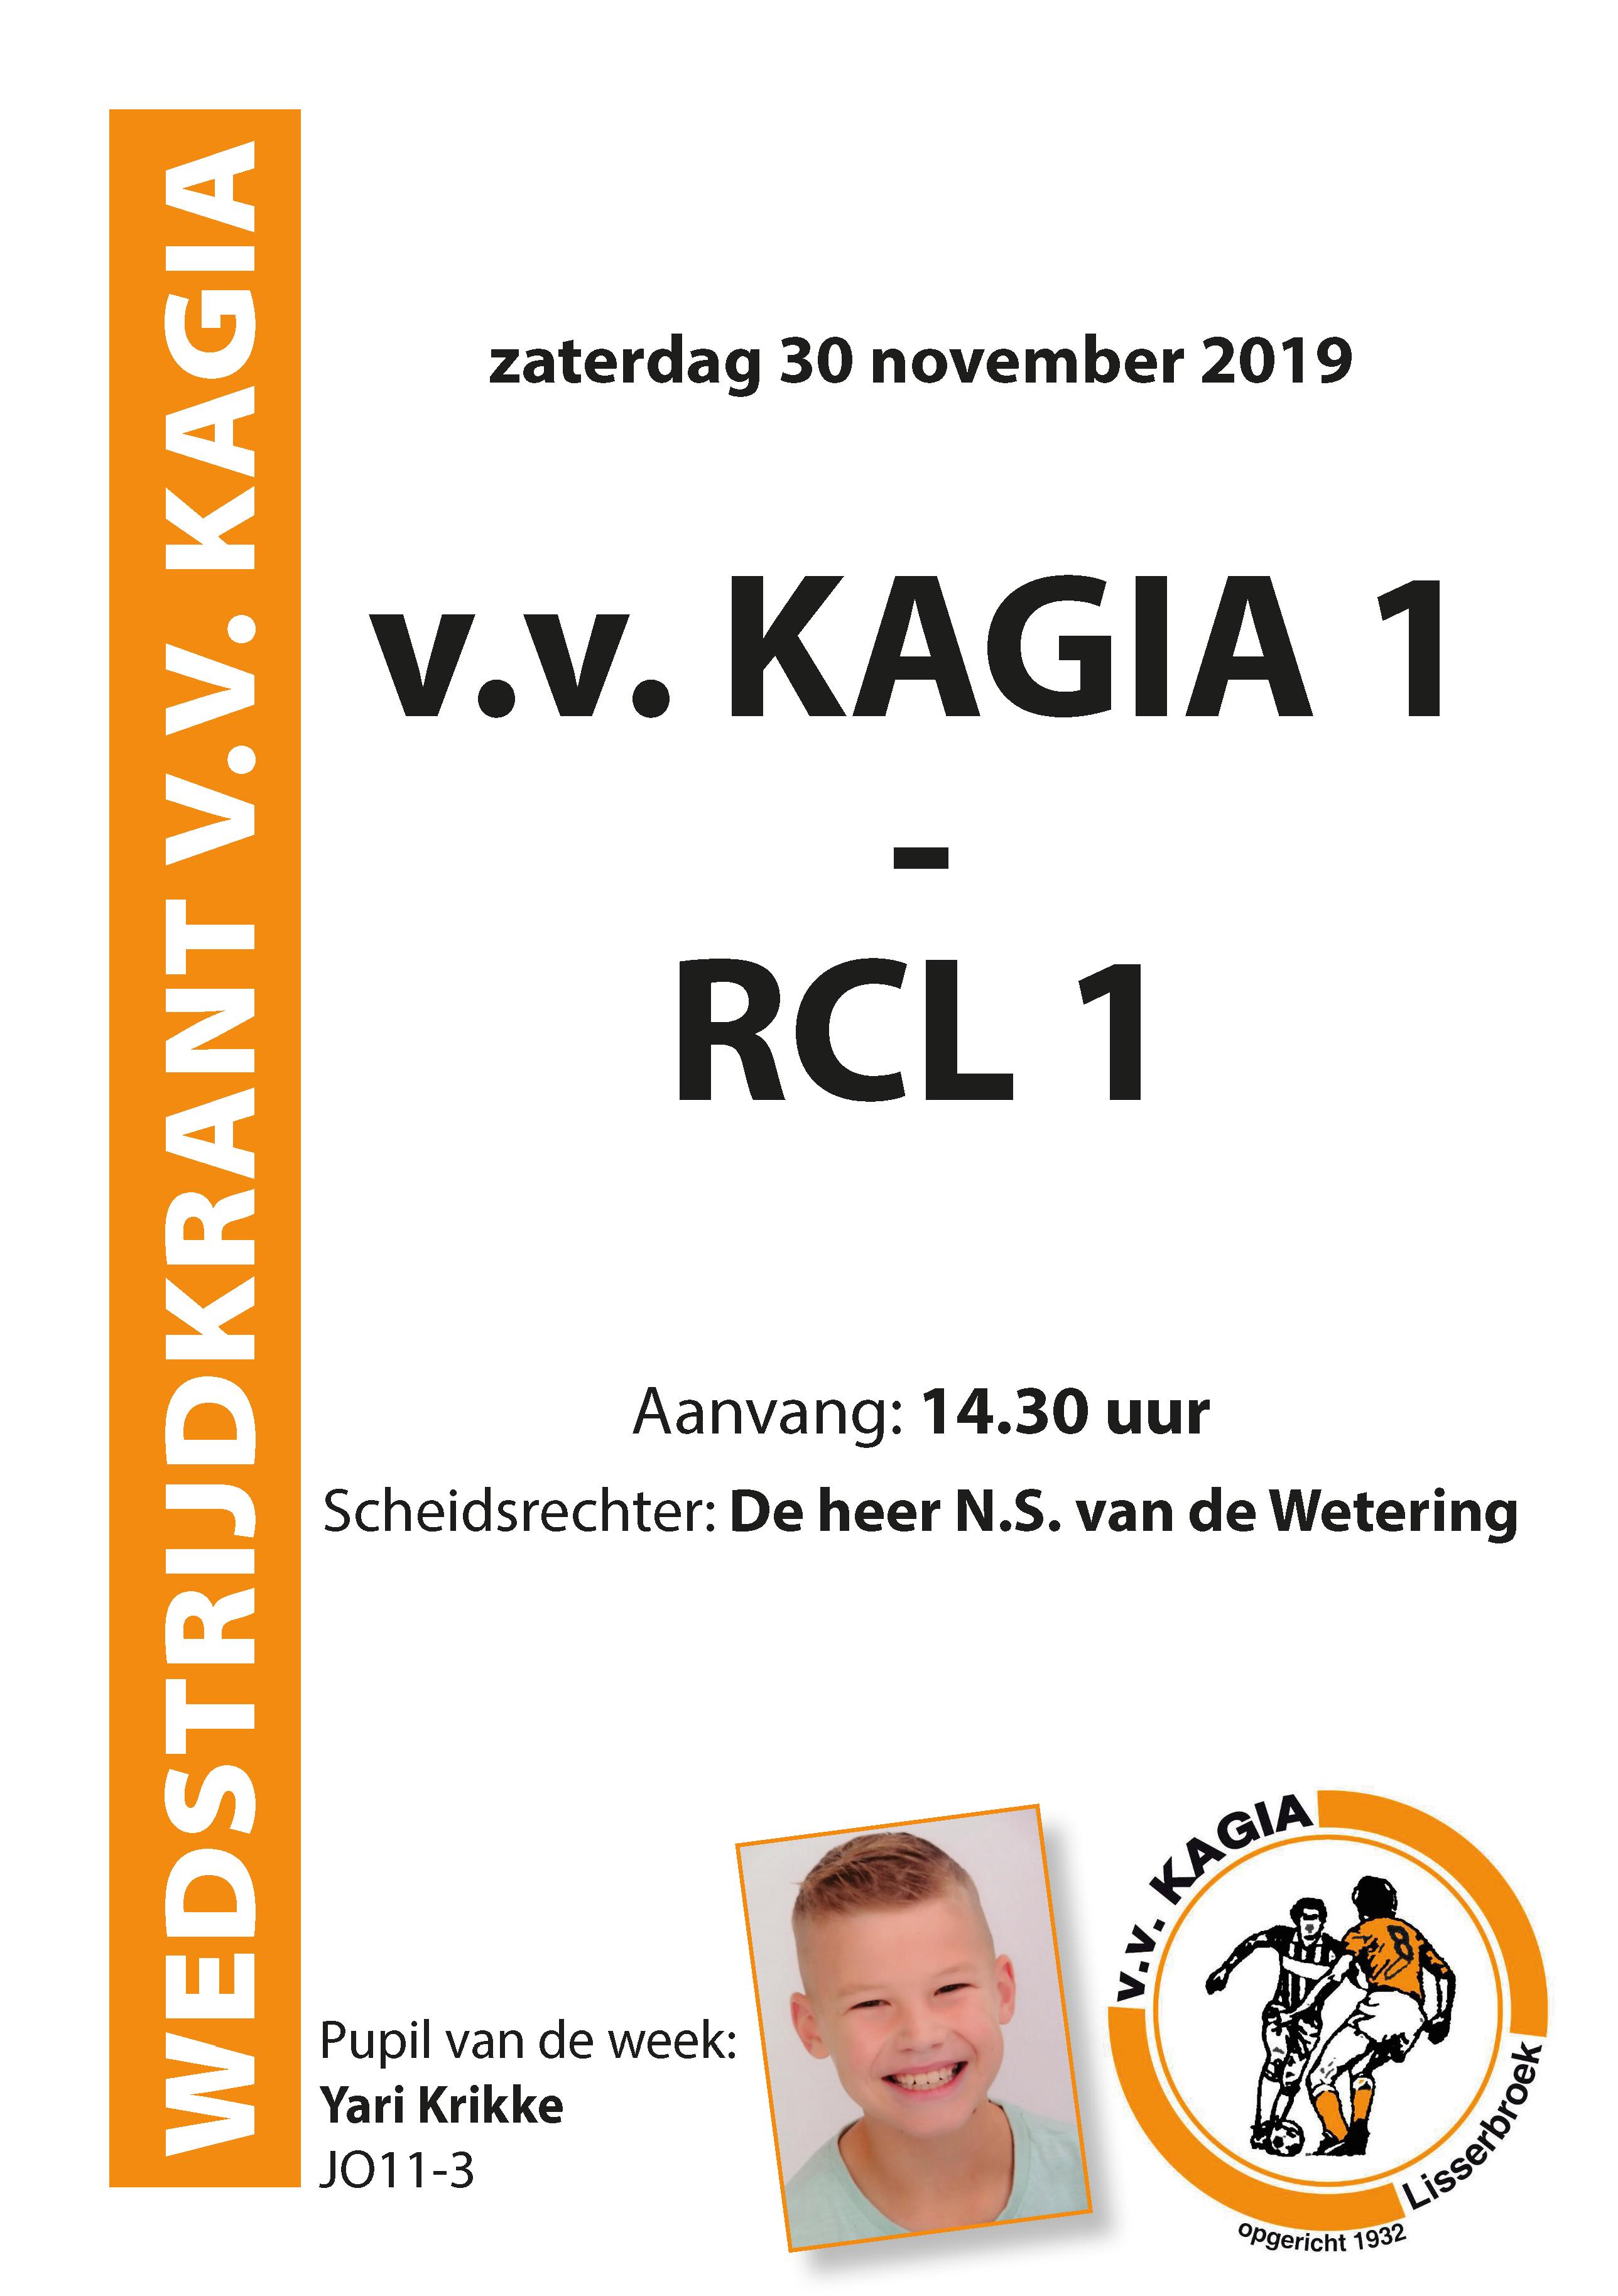 Wedstrijdkrantje | v.v. Kagia 1 – RCL 1